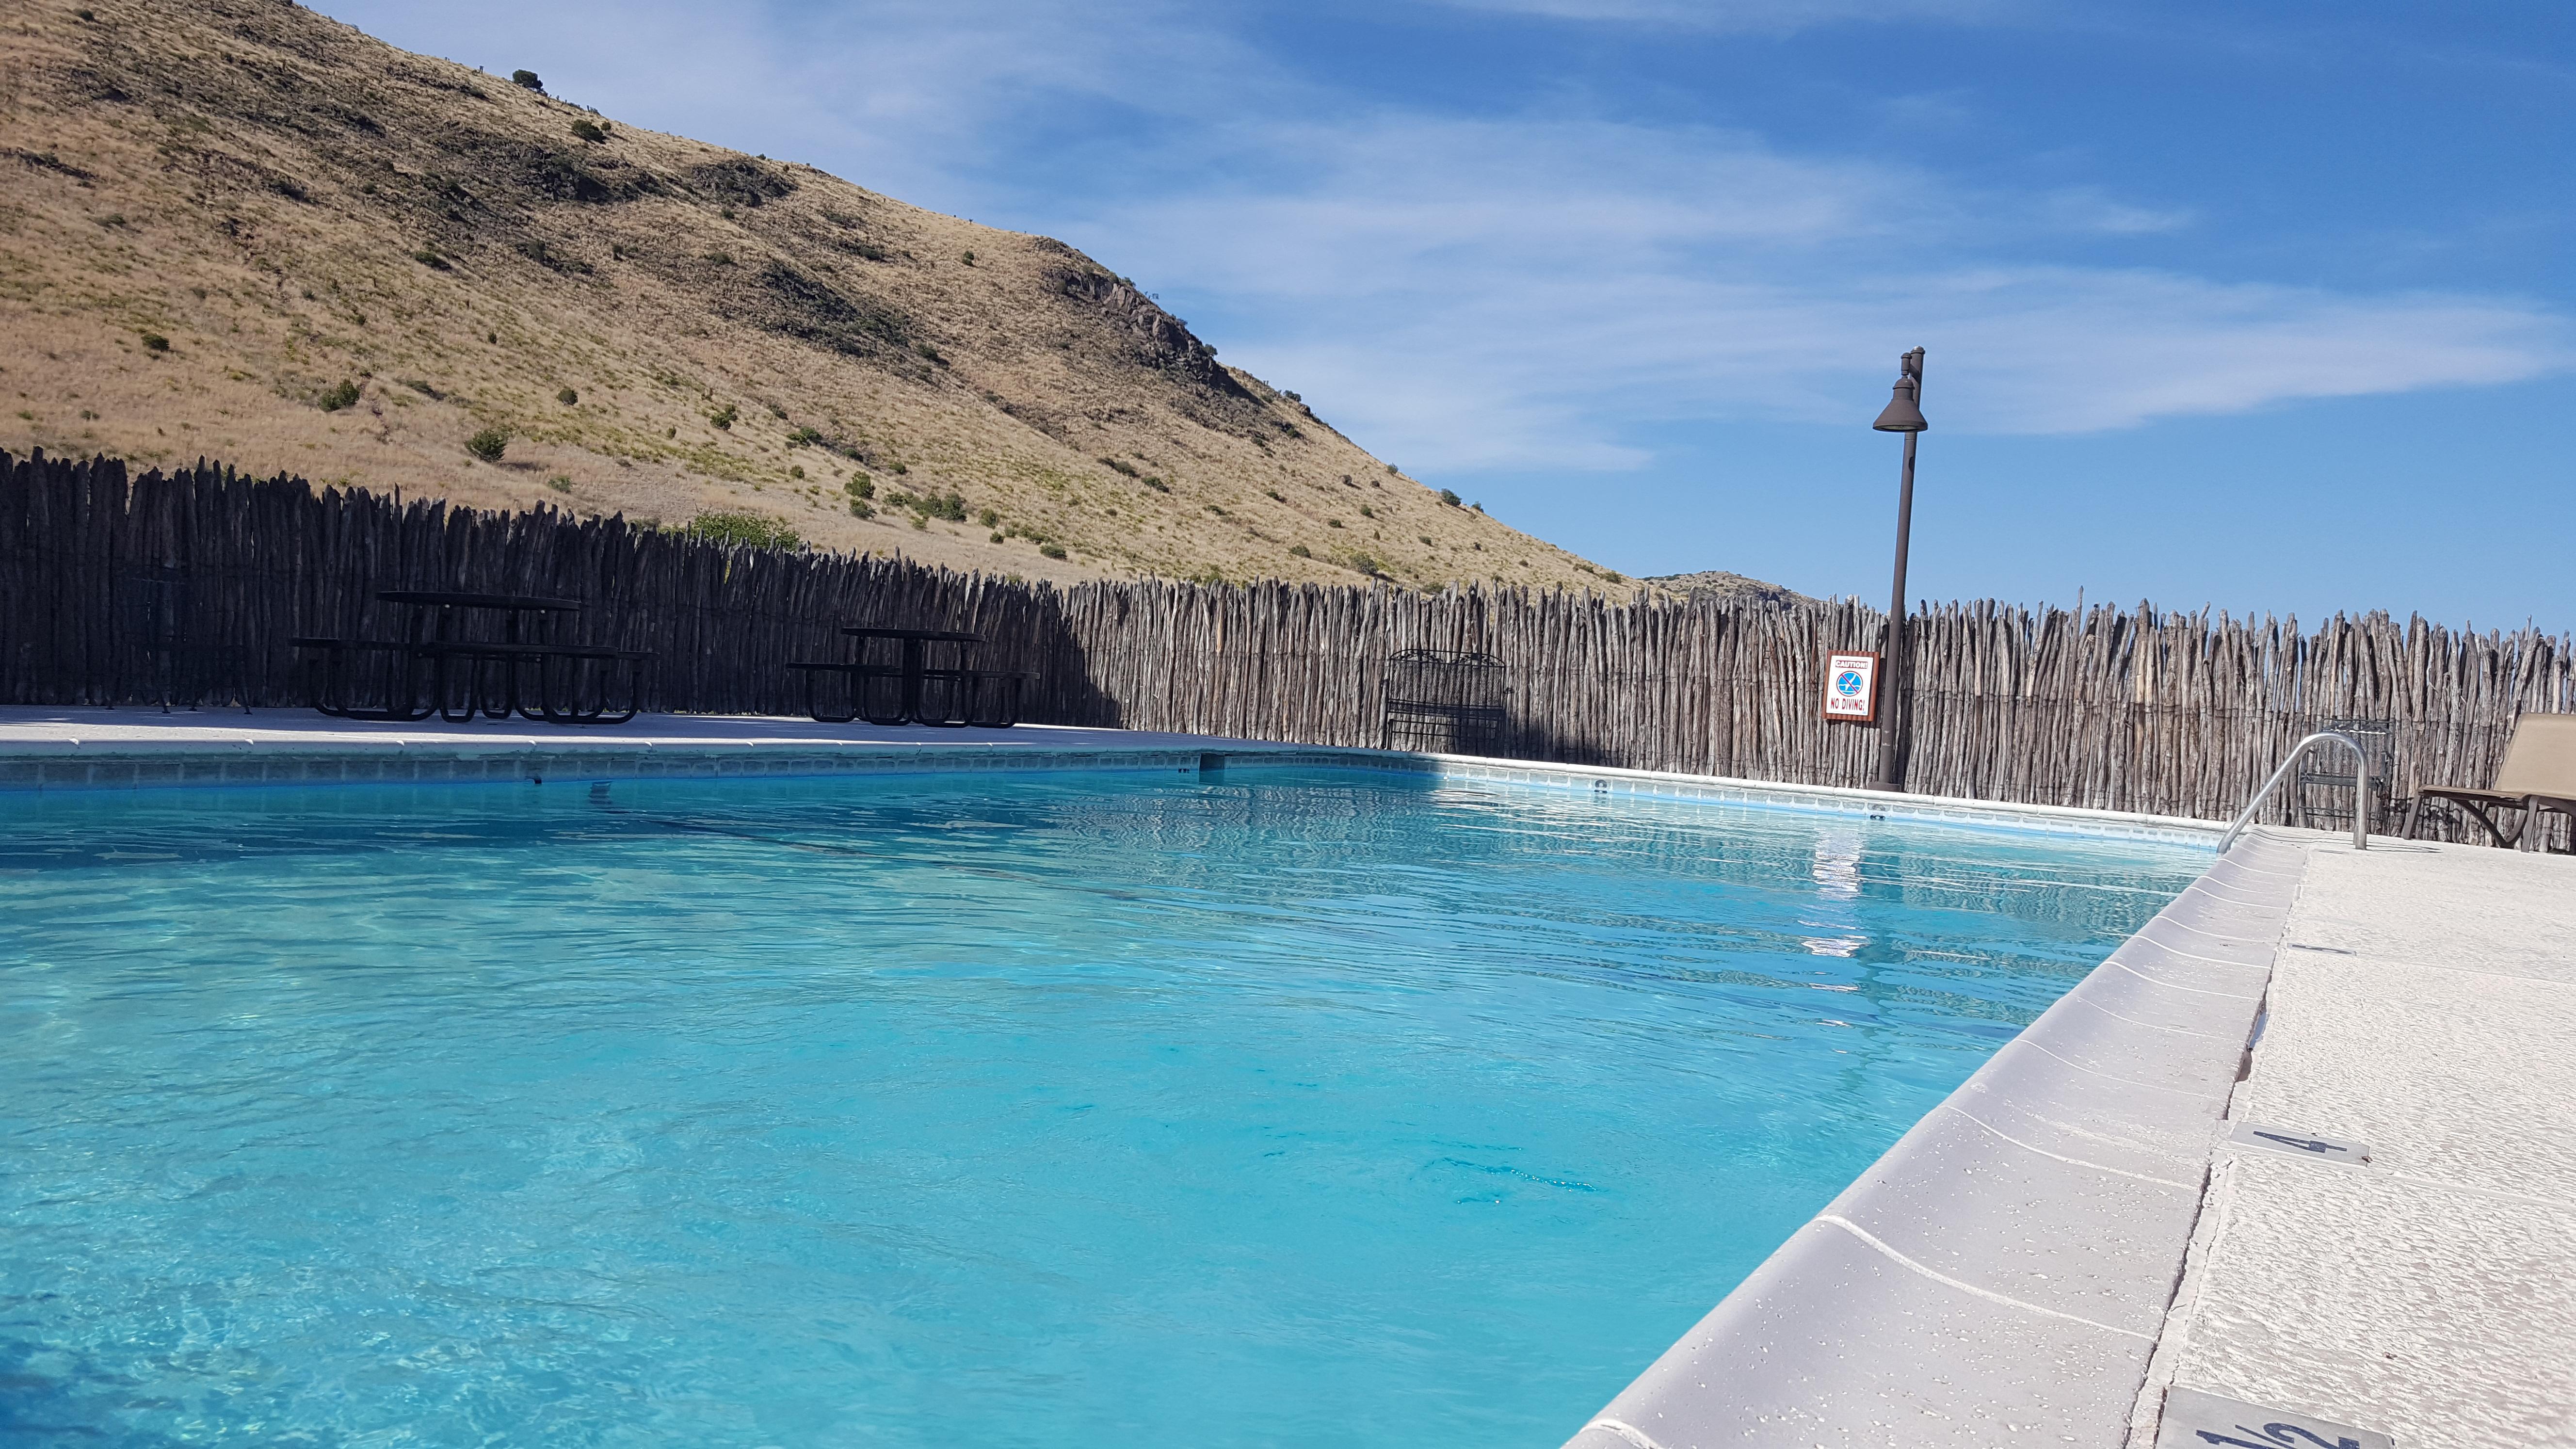 Indian Lodge Davis Mountains Pool